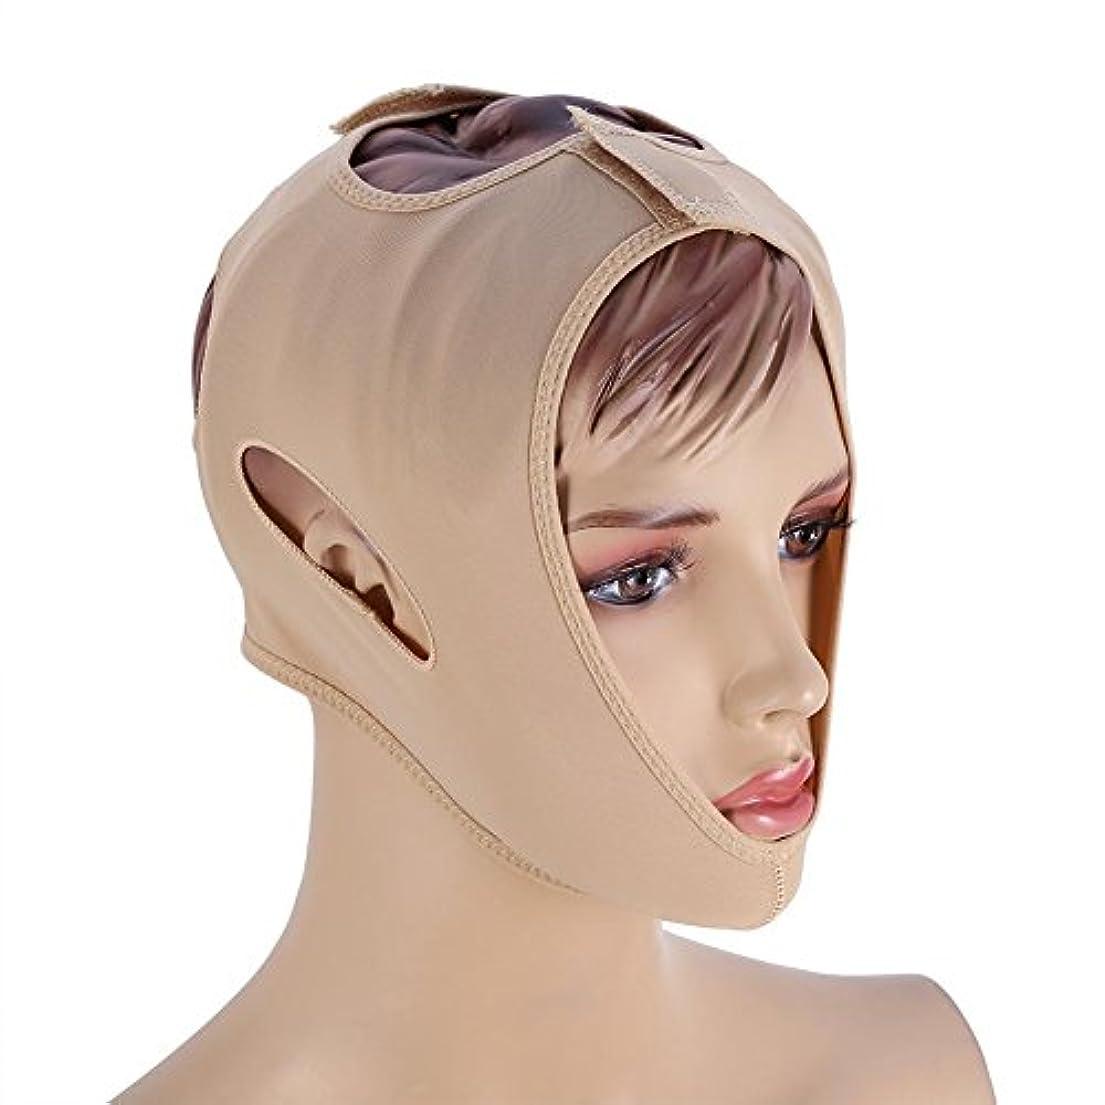 認める赤字鑑定フェイスベルト 額、顎下、頬リフトアップ 小顔 美顔 頬のたるみ 引き上げマスク便利 伸縮性 繊維 (L码)